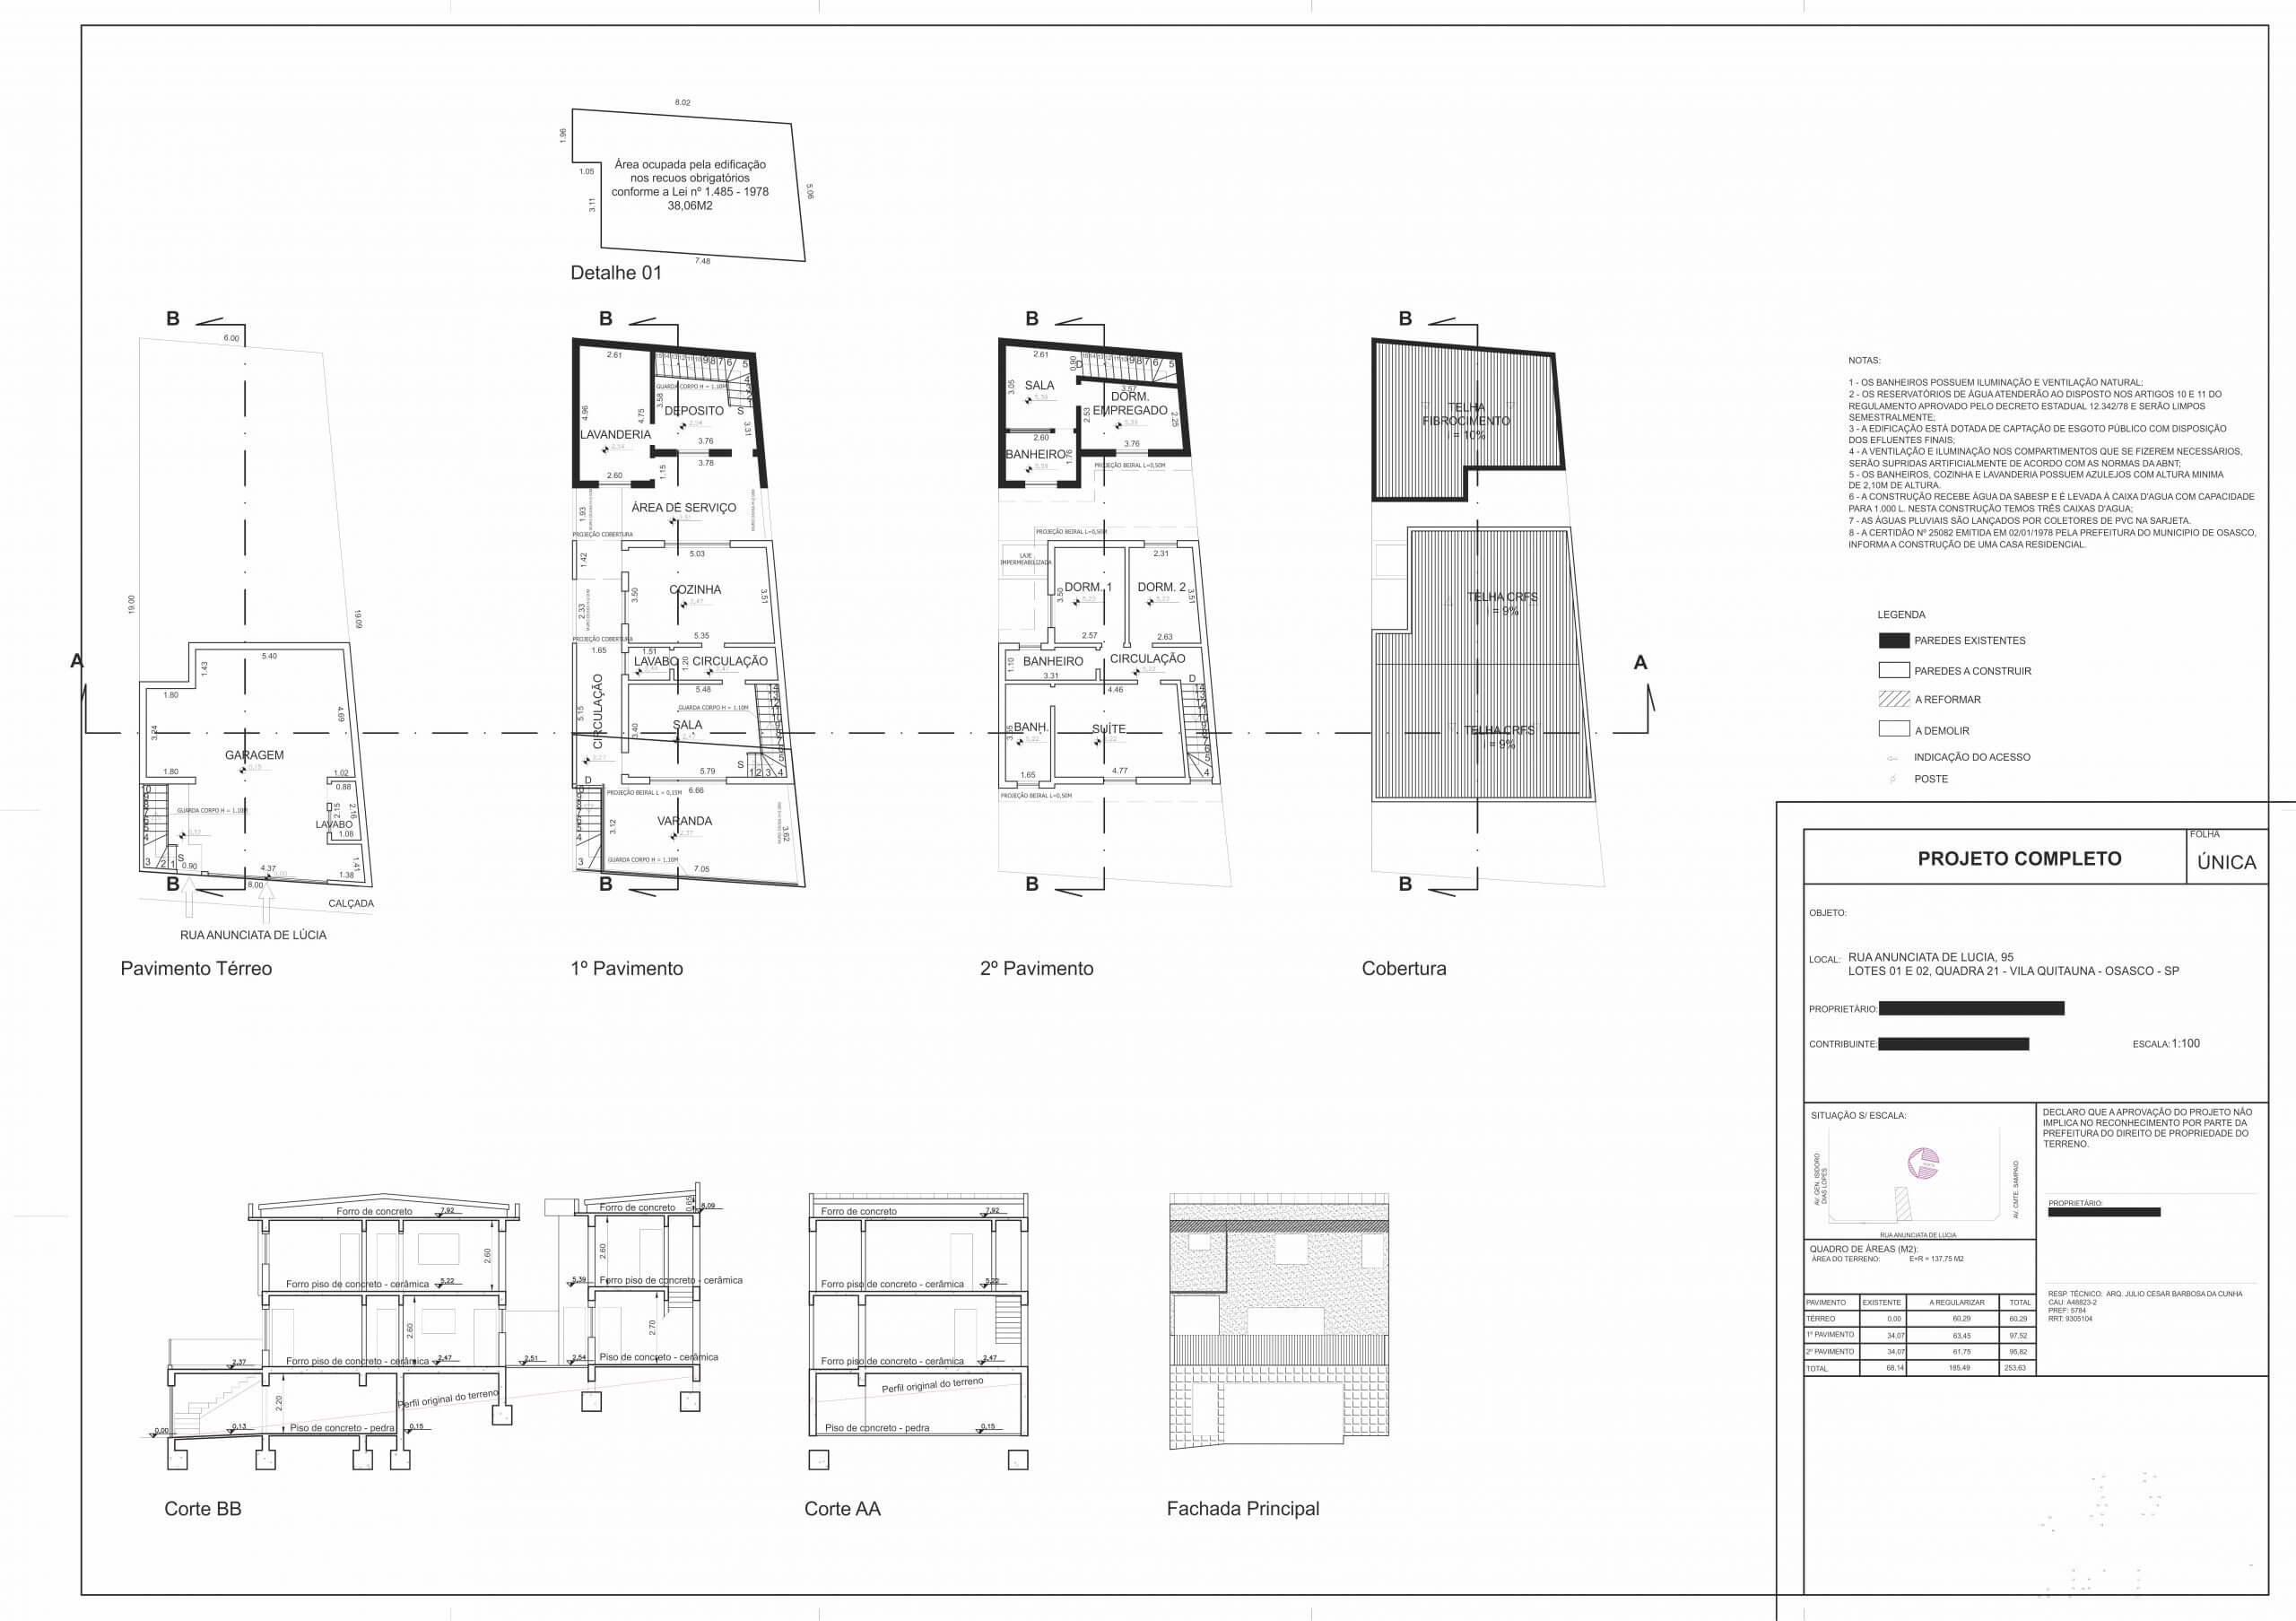 Regularização Fundiária: Imóvel Residencial Unifamiliar R.F. Regularização Fundiária: Imóvel Residencial Unifamiliar R.F. Foto 32 scaled Projetos Projetos Foto 32 scaled